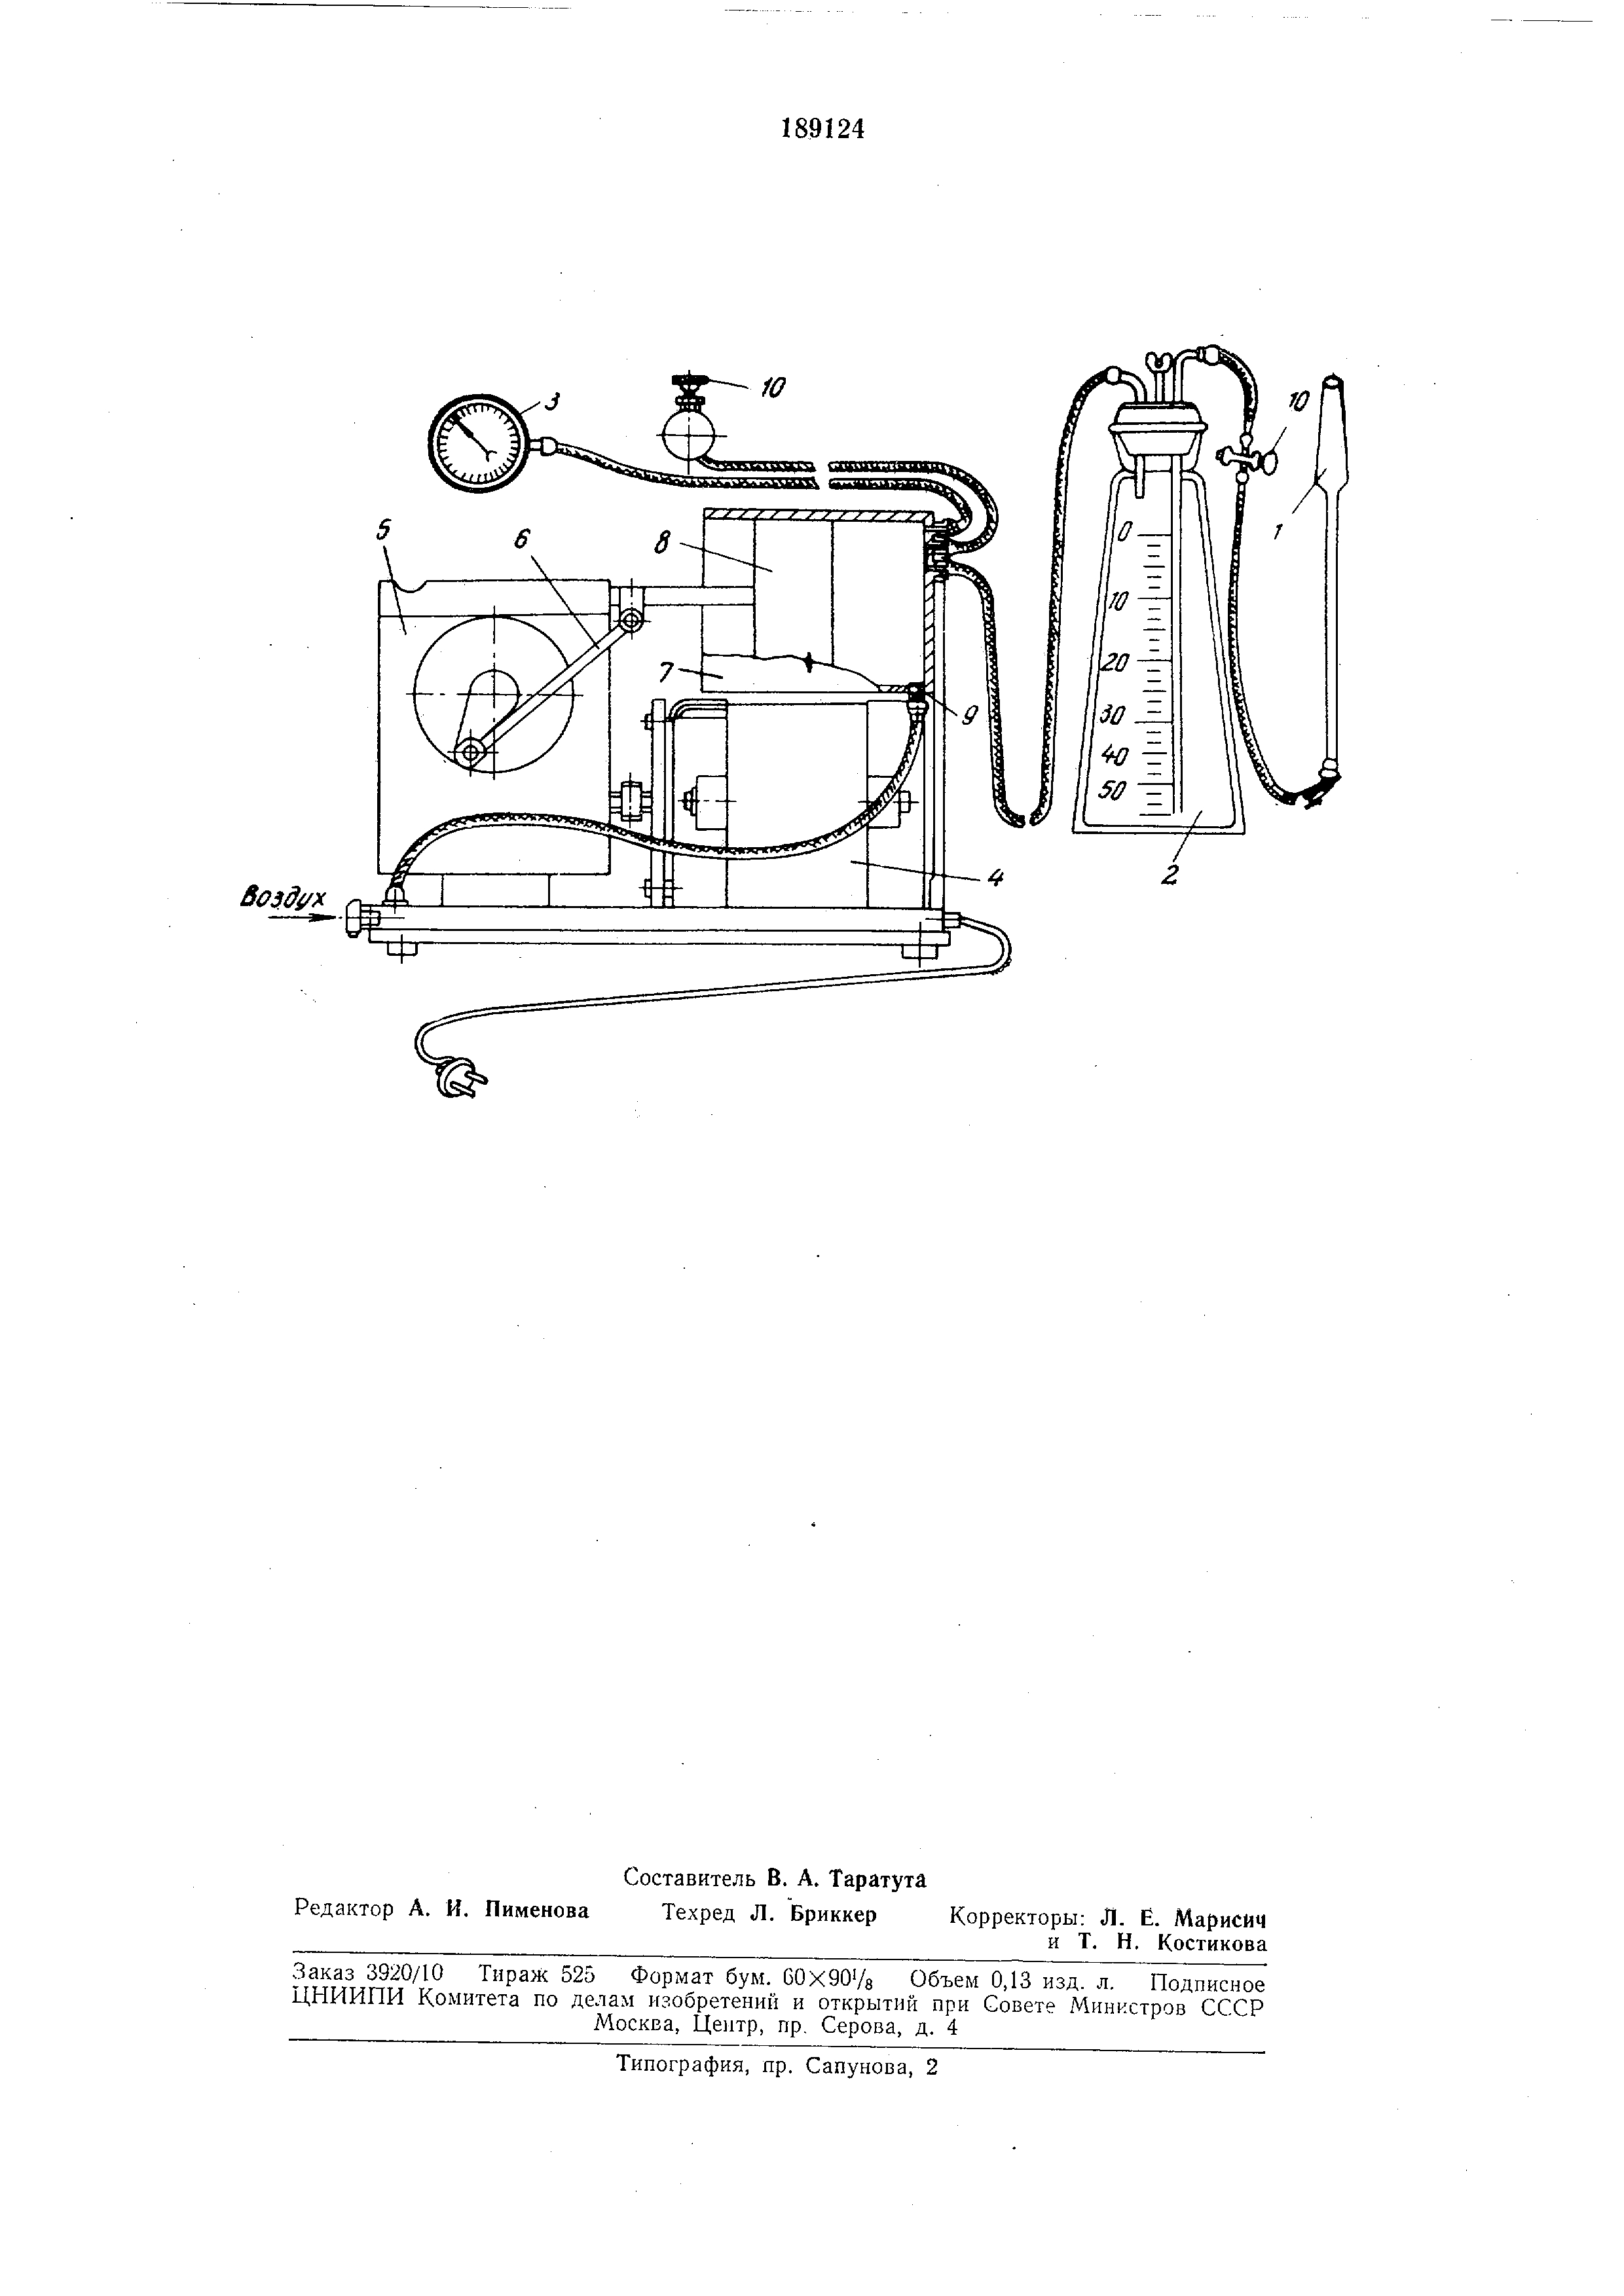 Труба Фаллопиева